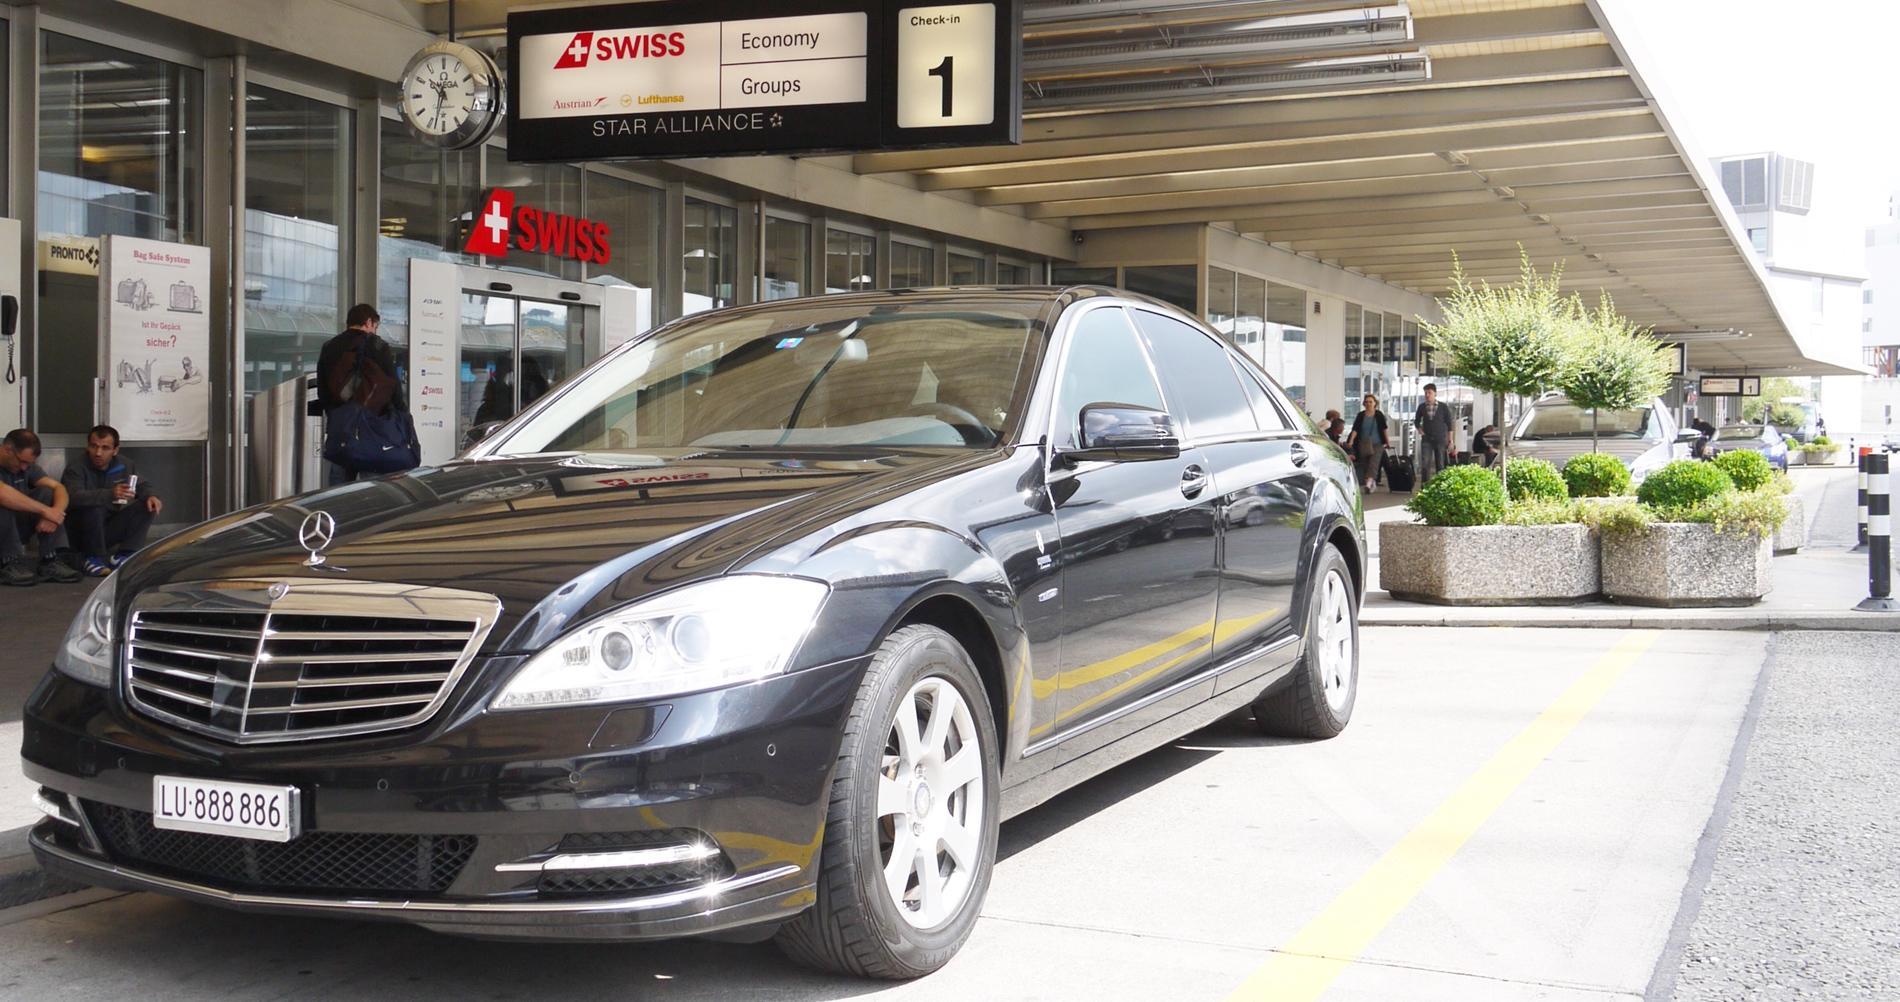 Flughafen Zürich Limousine Service